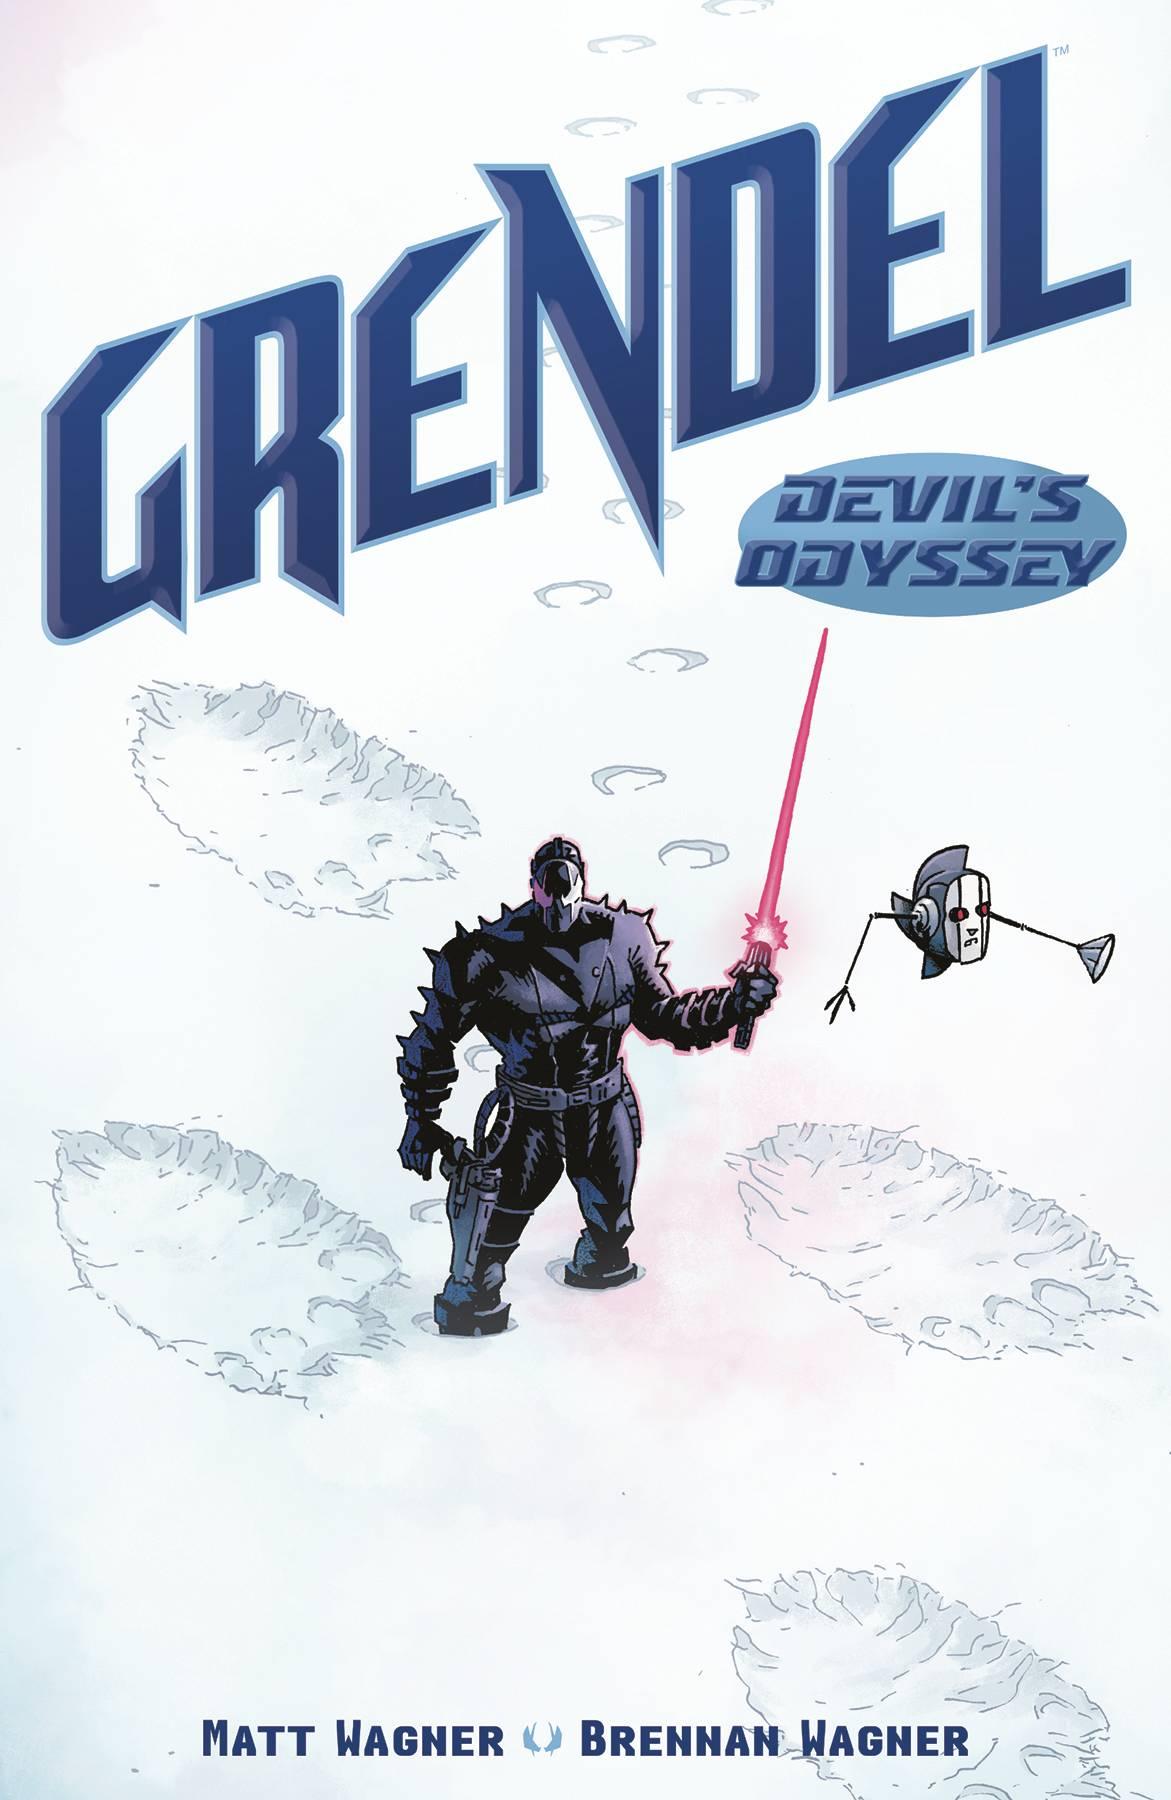 Grendel: Devil's Odyssey #3 (2020)